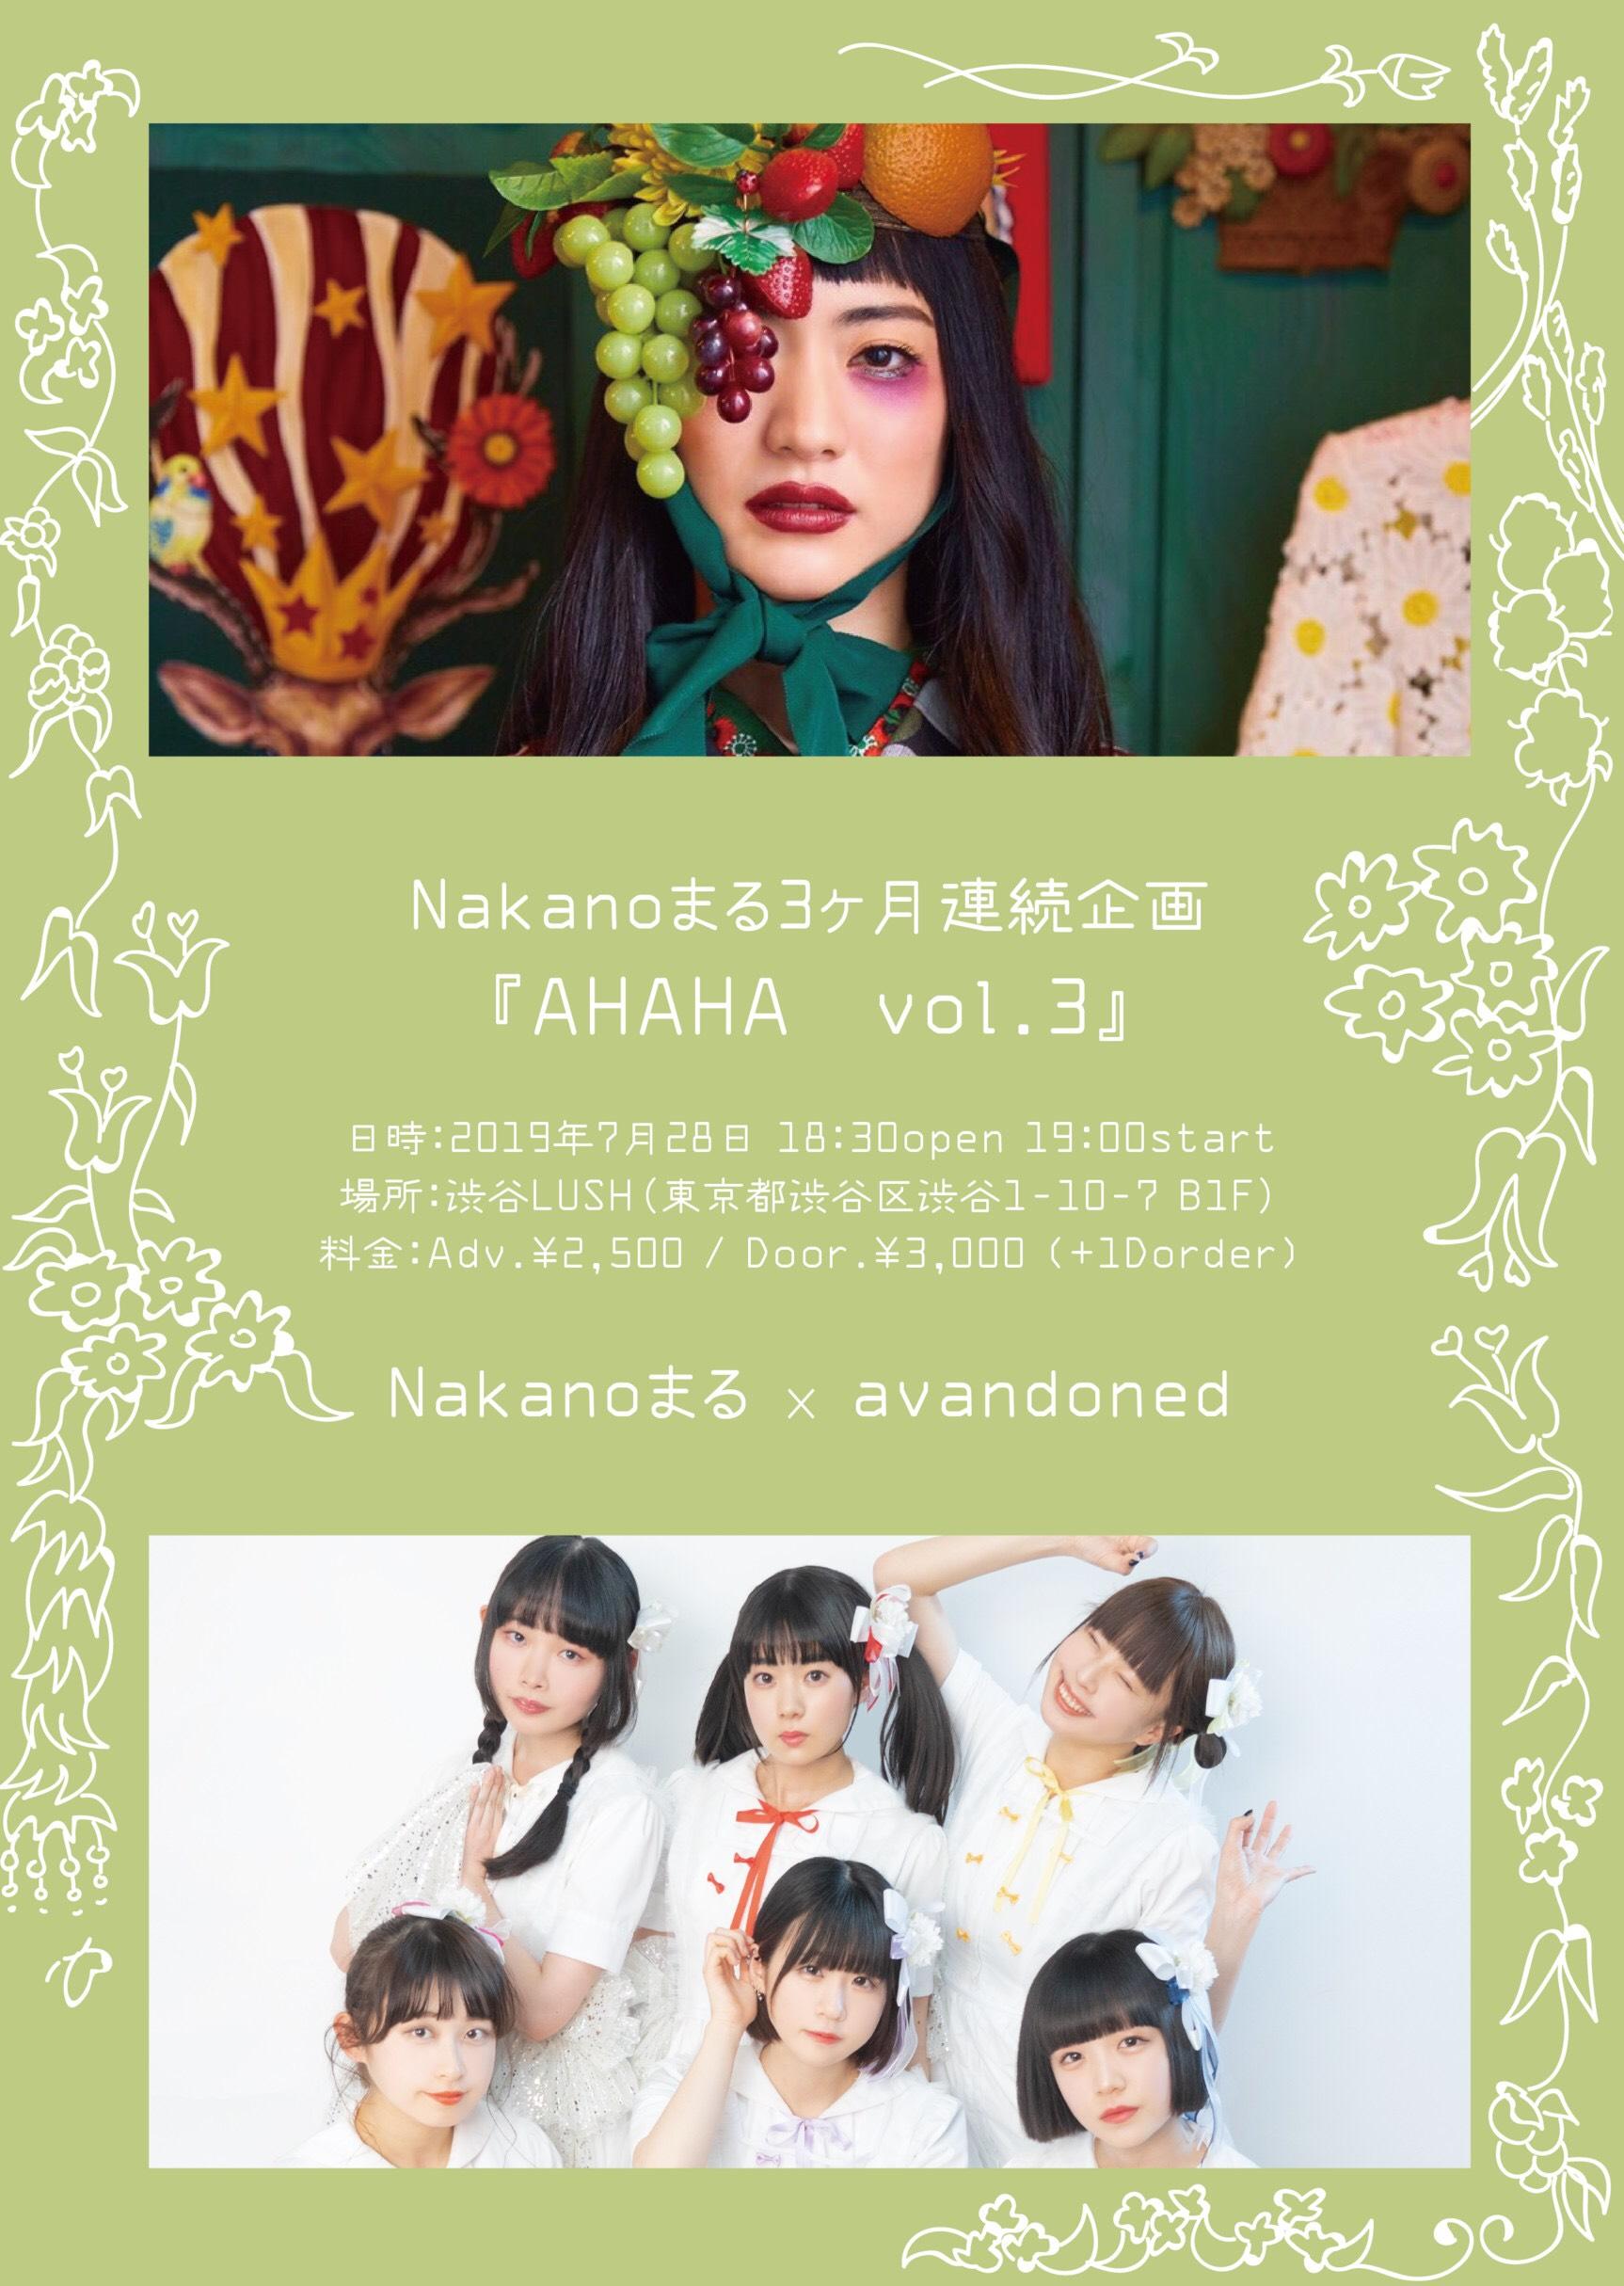 Nakanoまる 3ヶ月連続企画 AHAHA vol.3